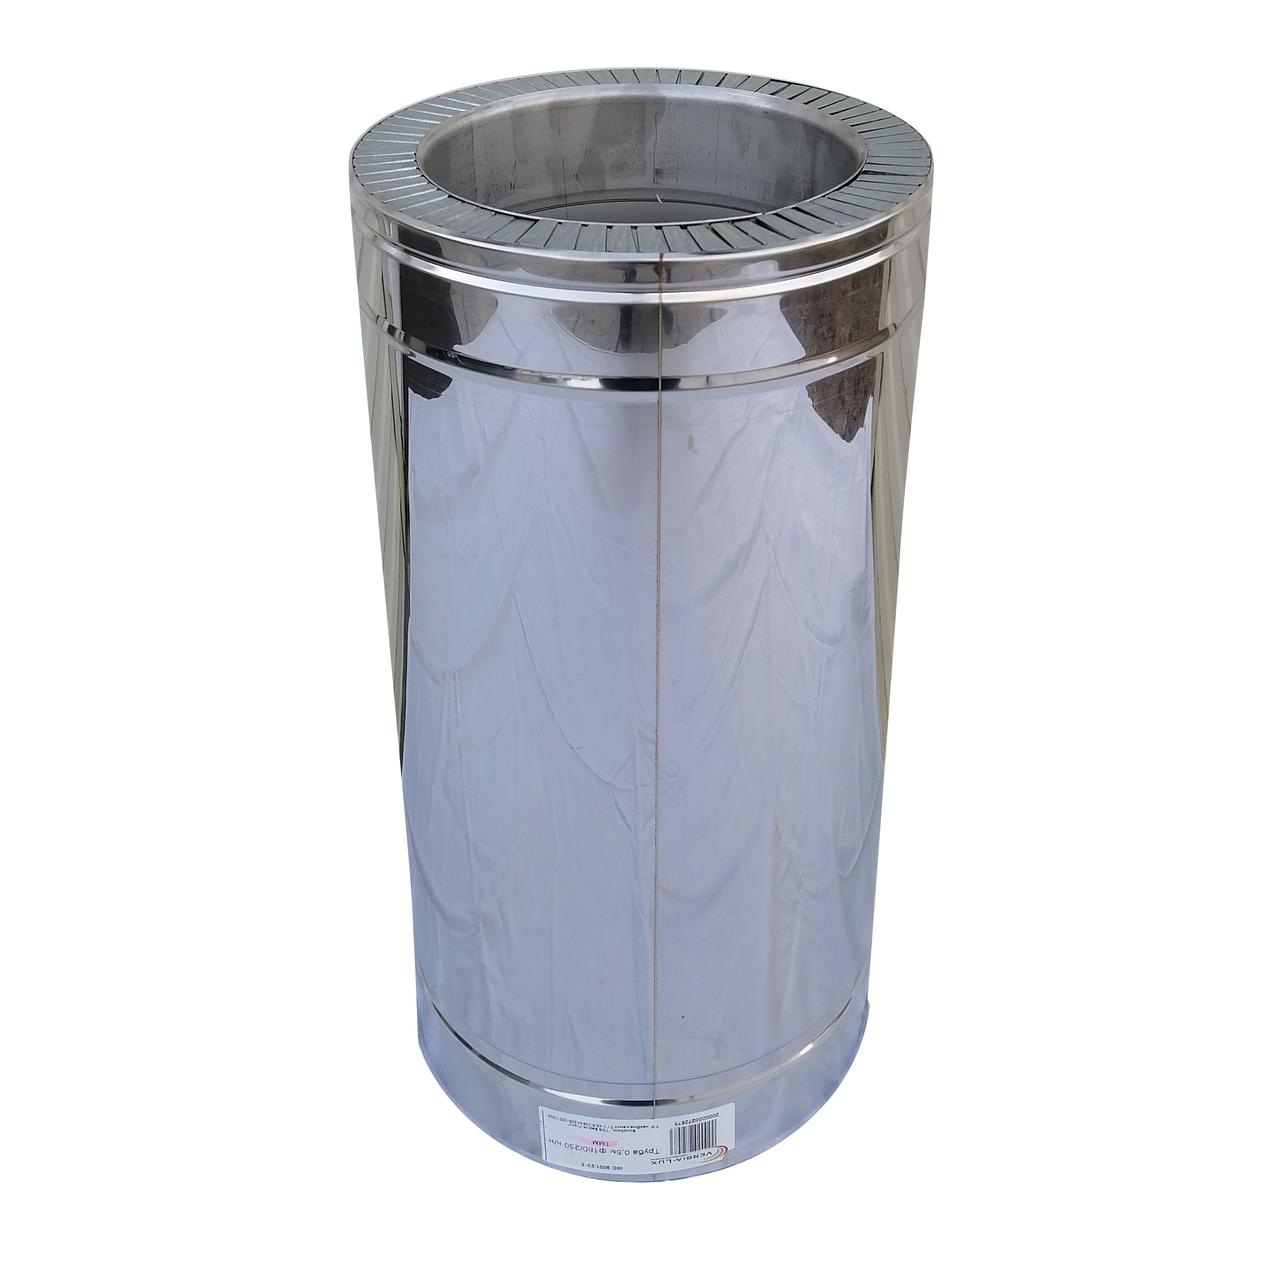 Труба димохідна сендвіч d 100 мм; 0,8 мм; AISI 304; 50 см; нержавіюча сталь/неіржавіюча сталь - «Версія-Люкс»